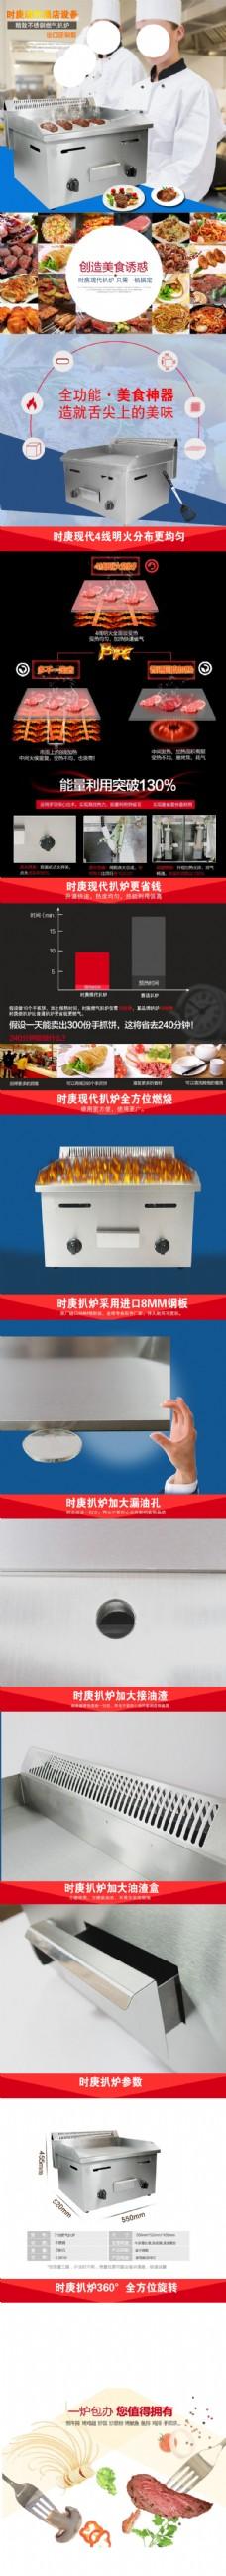 电子产品扒炉